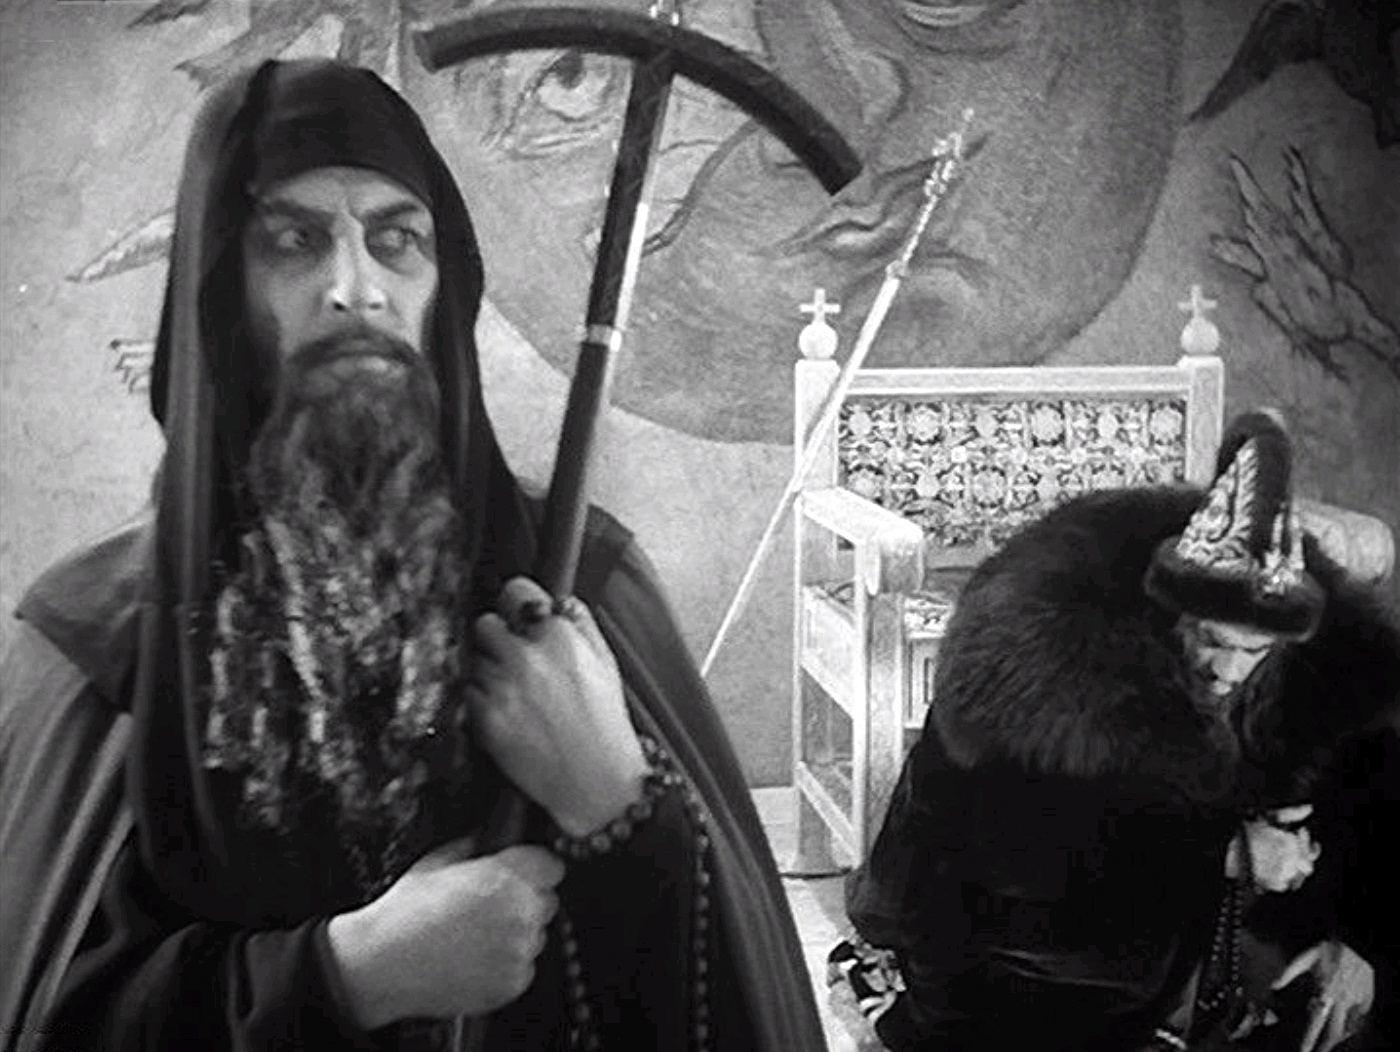 Иван Грозный. Сказ второй: Боярский заговор / Ivan Groznyy. Skaz vtoroy: Boyarskiy zagovor (1958): кадр из фильма